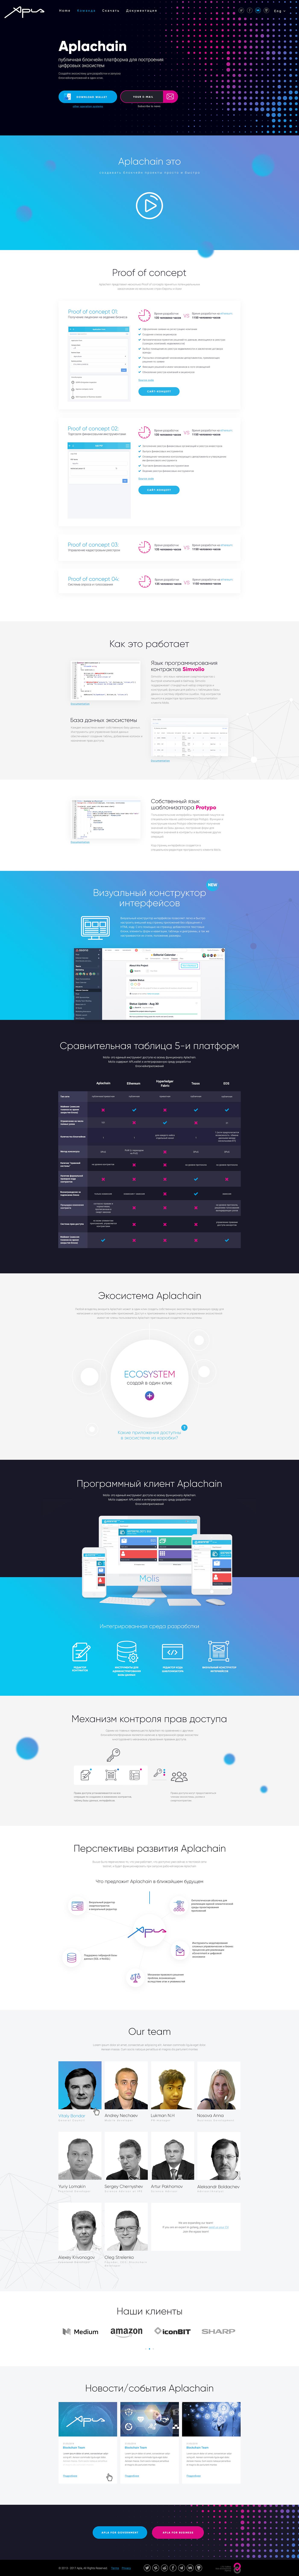 Адаптивный сайт Aplachain/Публичная блокчейн платформа для построения цифровых экосистем